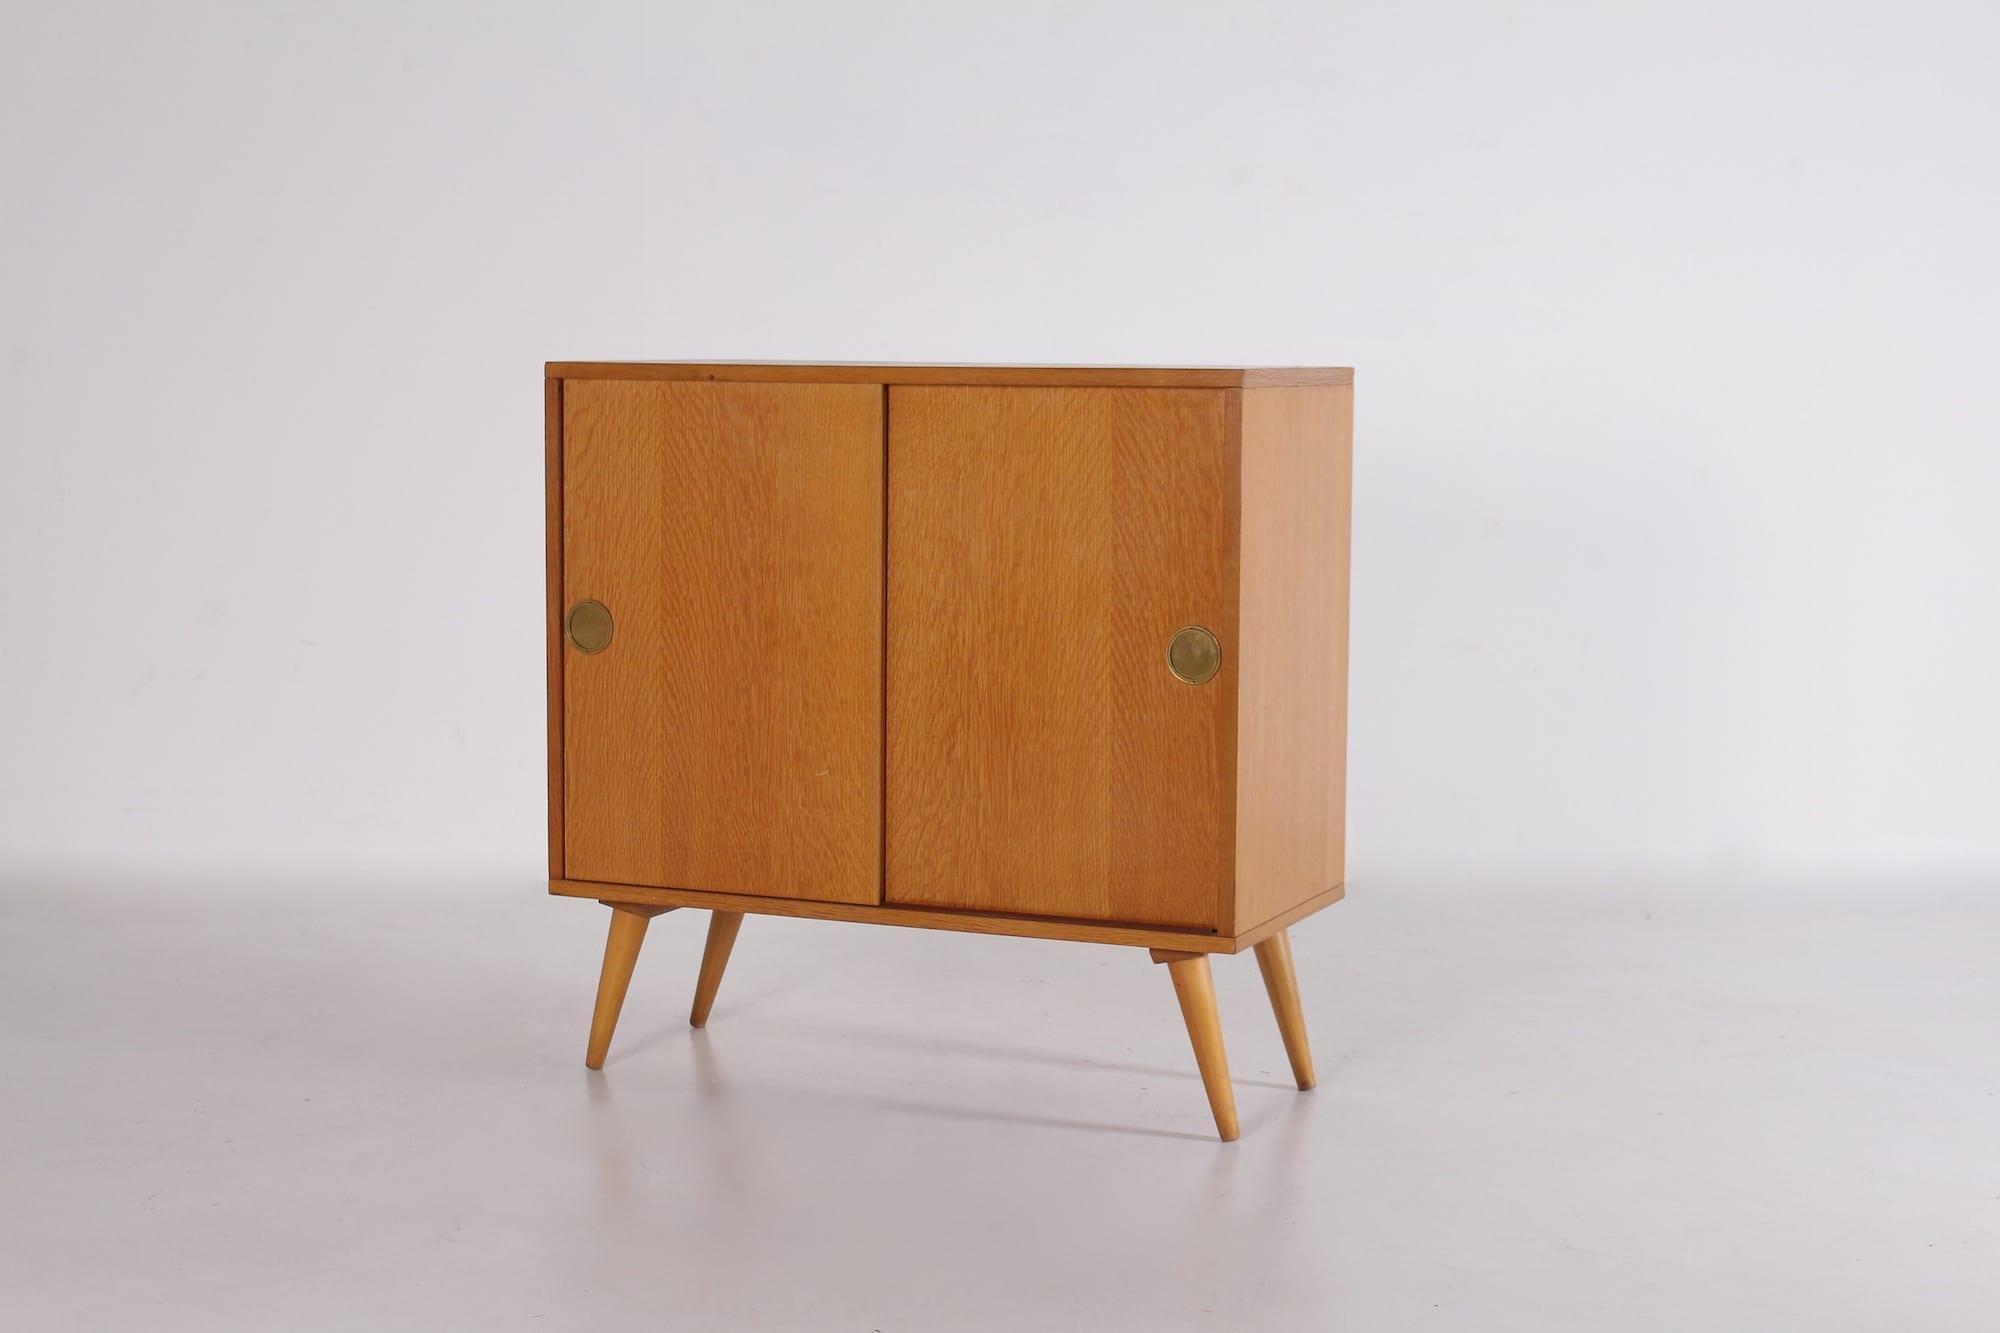 petit buffet 2 portes coulissantes 1950 meubles vintage. Black Bedroom Furniture Sets. Home Design Ideas